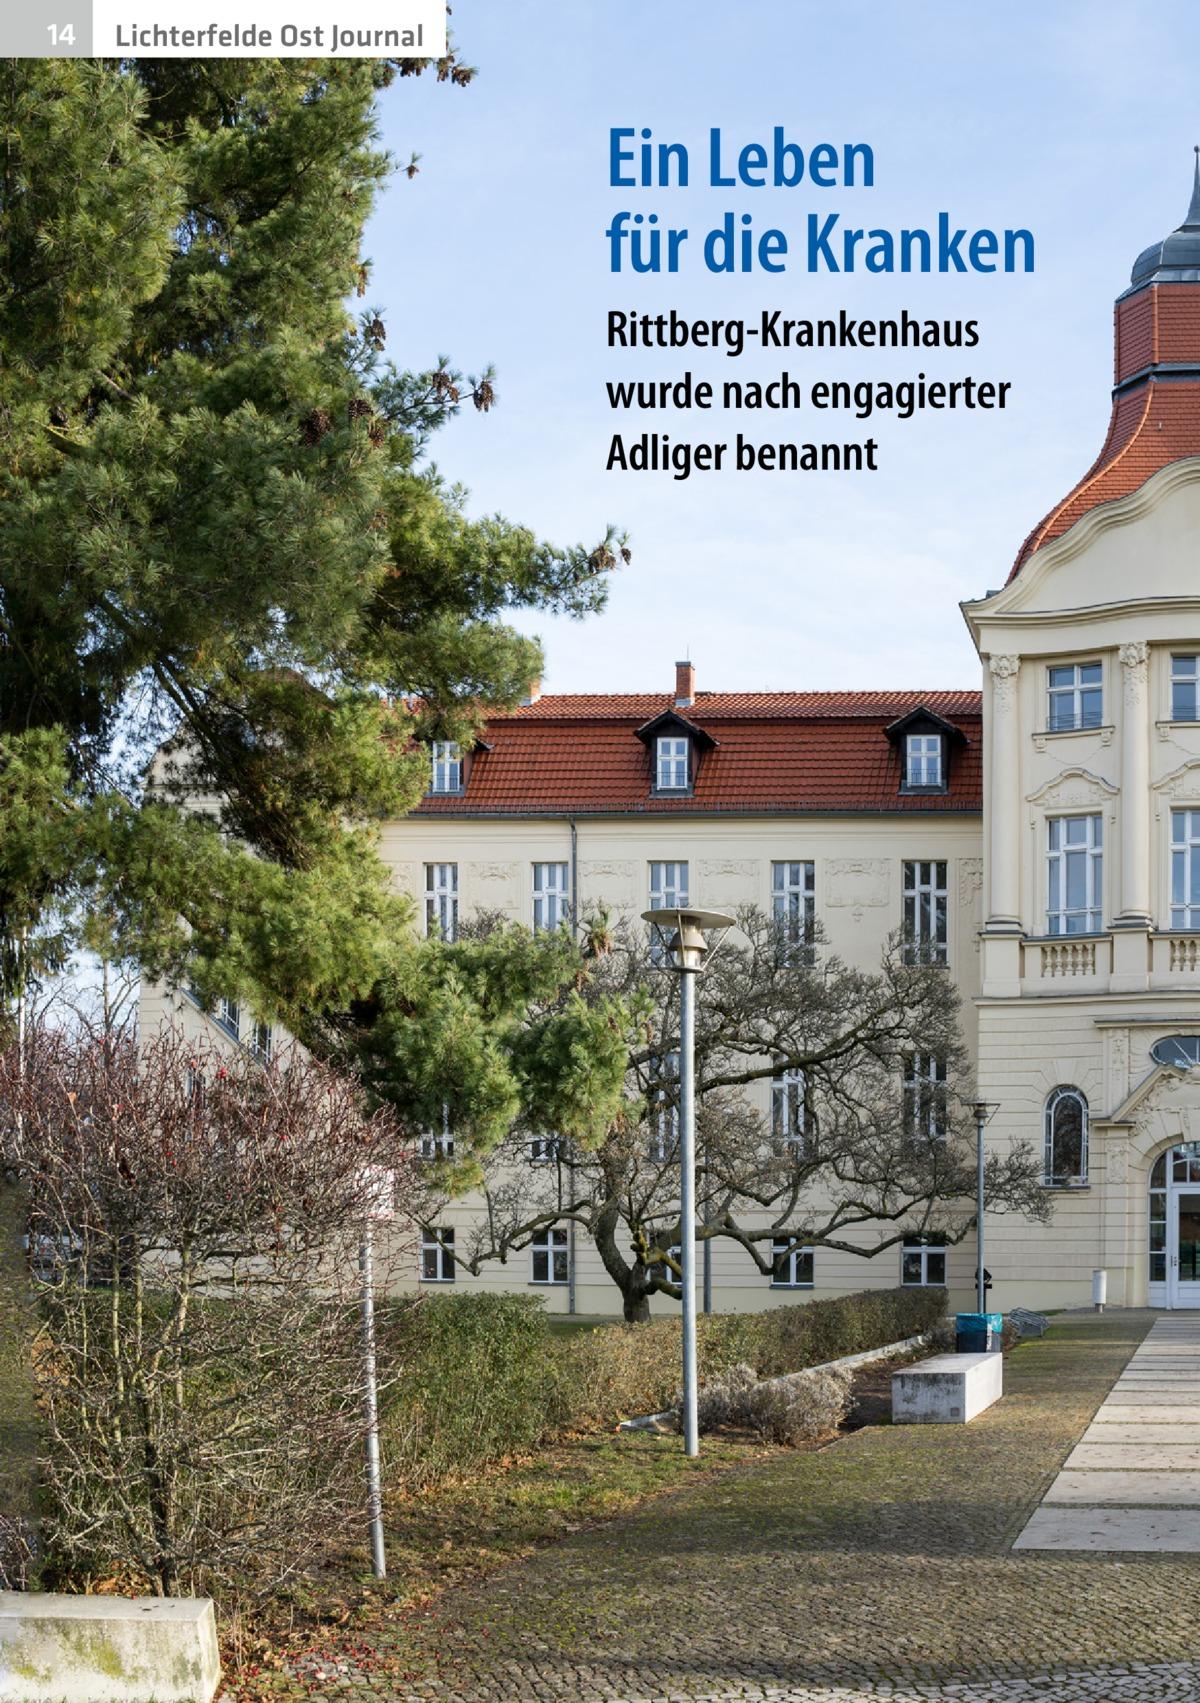 14  Lichterfelde Ost Journal  Ein Leben für die Kranken Rittberg-Krankenhaus wurde nach engagierter Adliger benannt